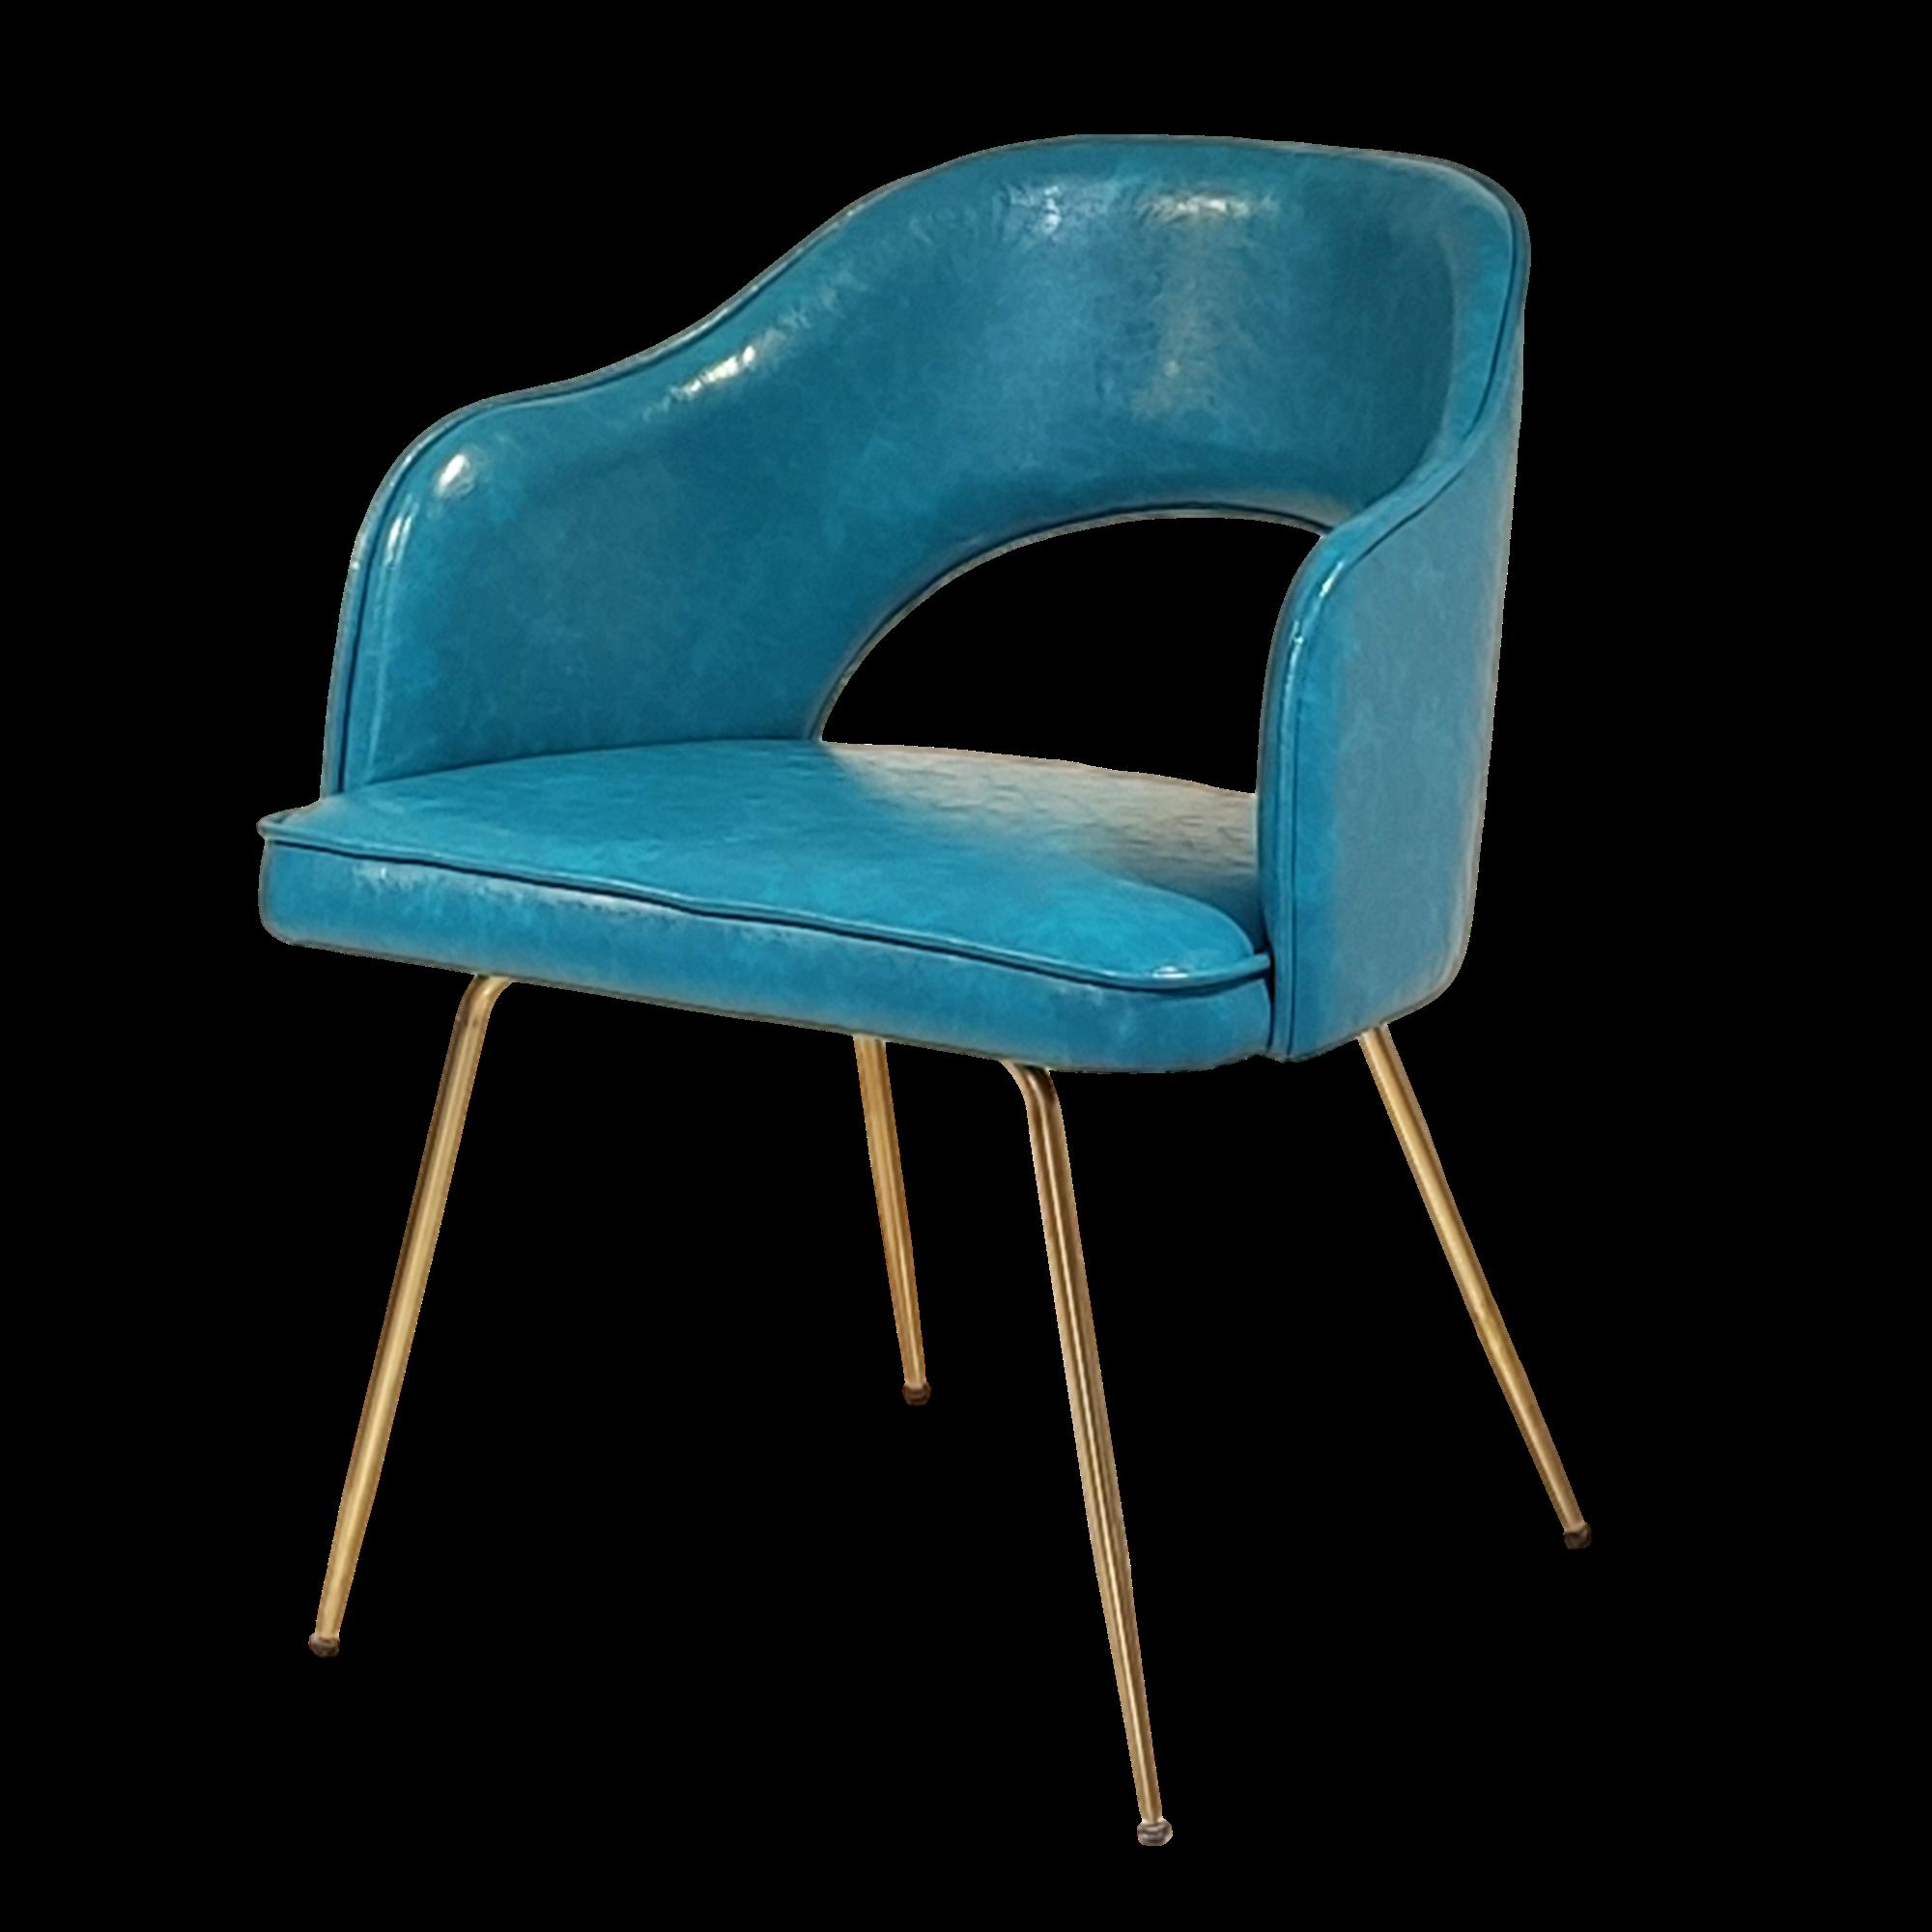 北欧设计师 沙里宁 餐椅 电镀金色脚 现代简约轻奢不锈钢客厅餐厅 餐桌椅定制